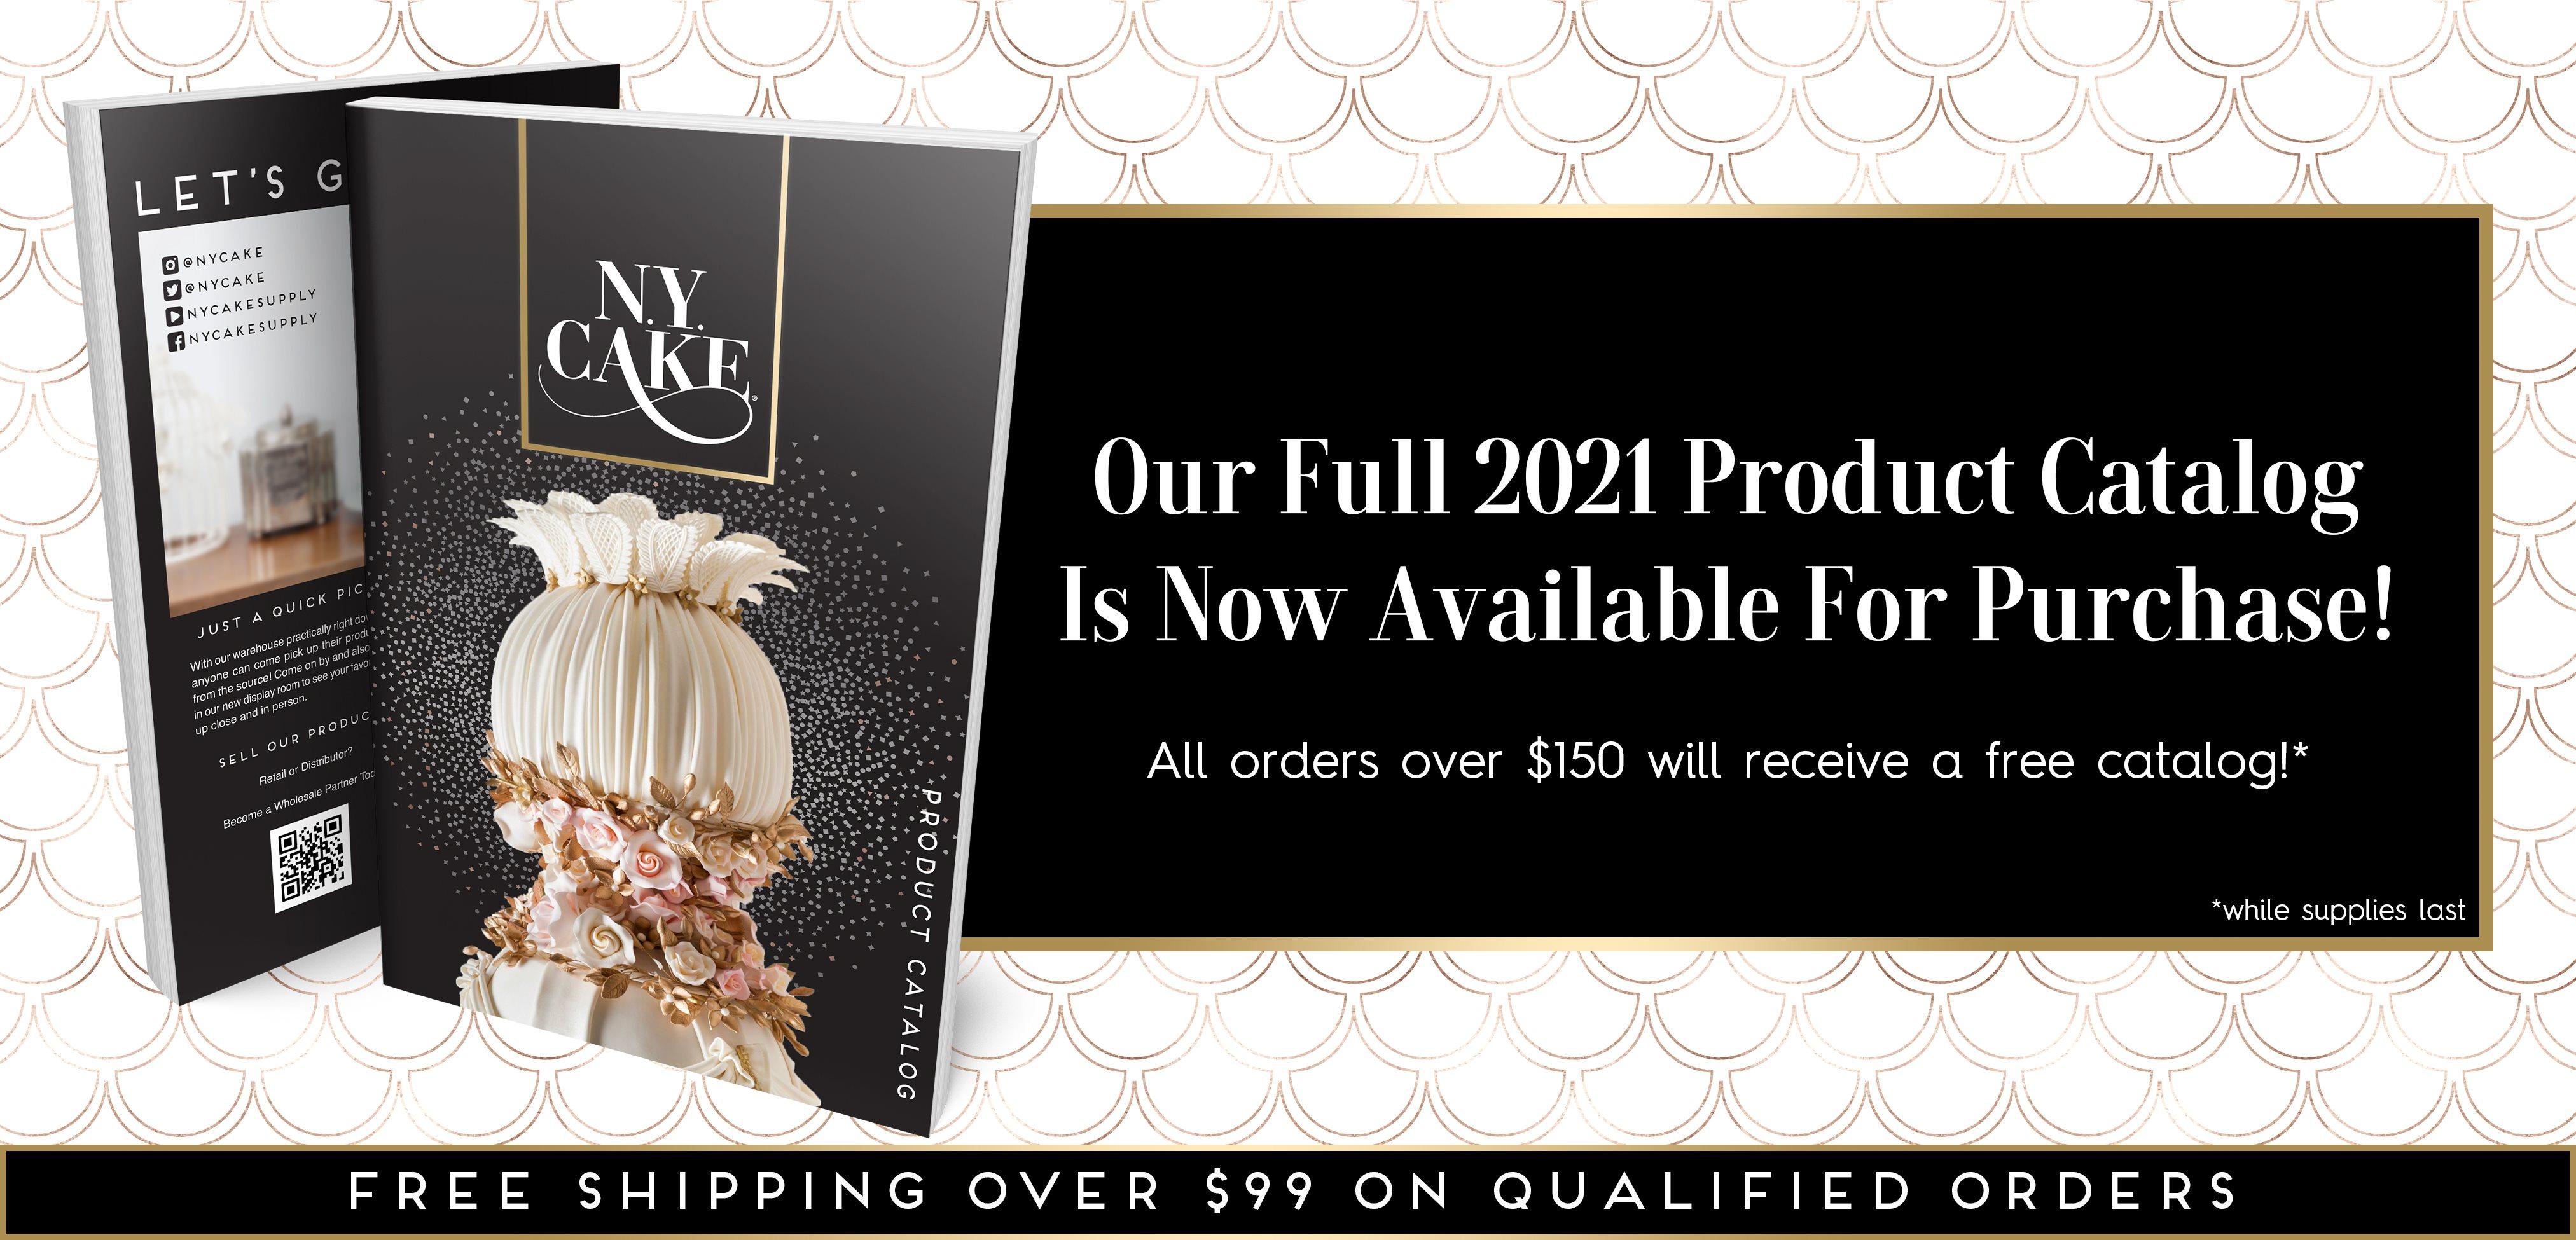 NY Cake Full Product Catalog 2021